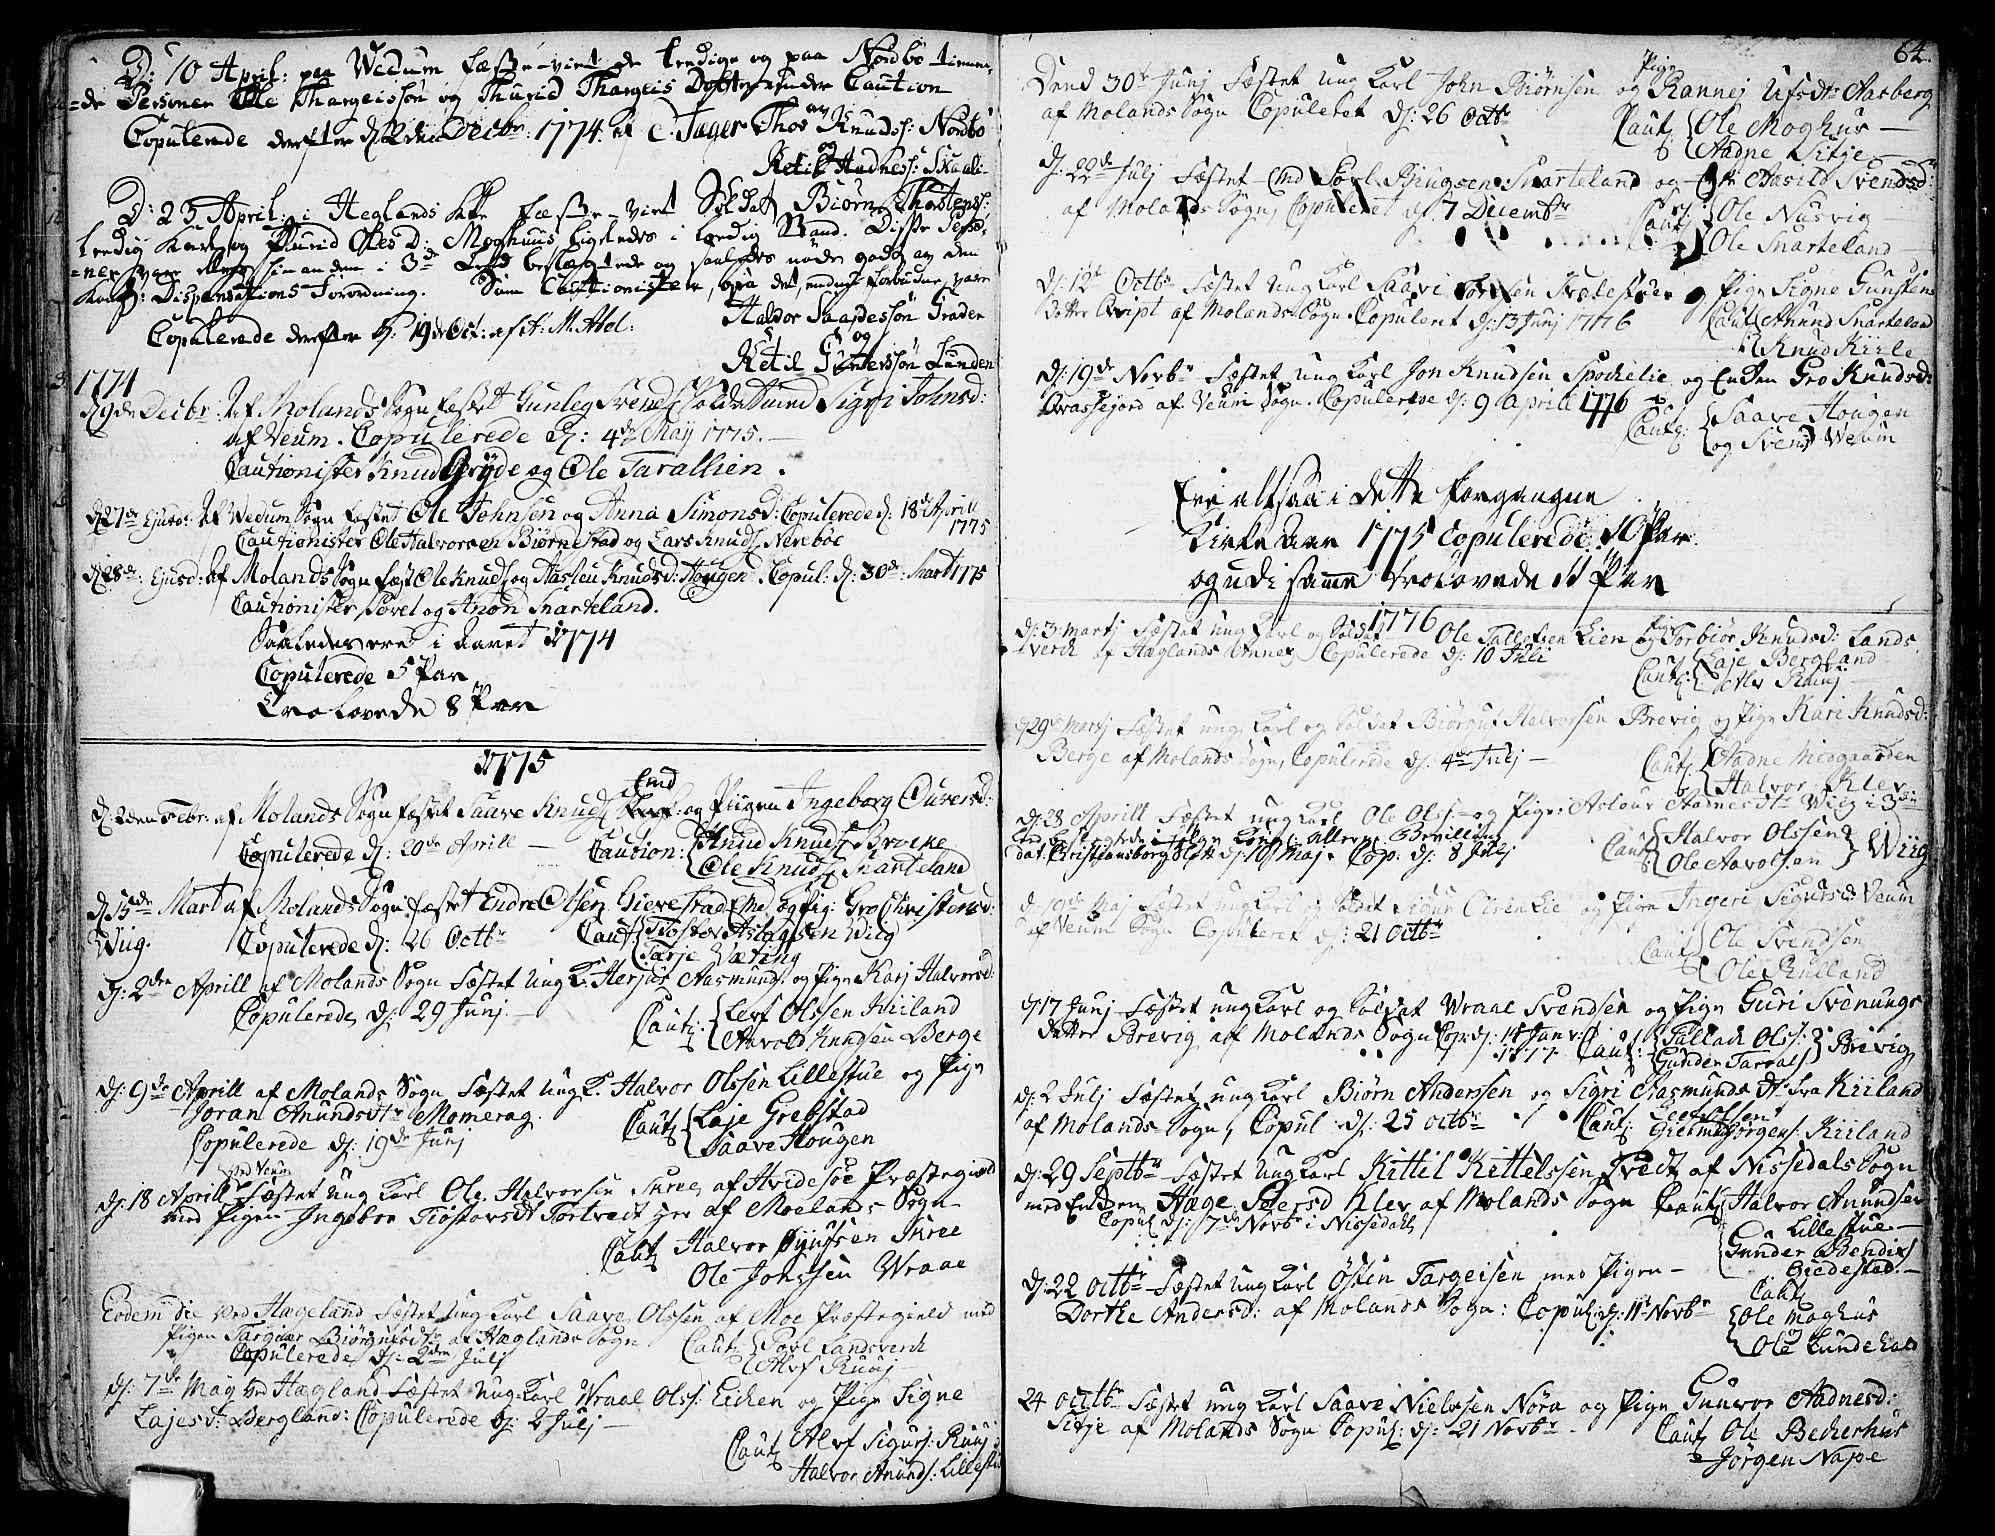 SAKO, Fyresdal kirkebøker, F/Fa/L0002: Ministerialbok nr. I 2, 1769-1814, s. 64